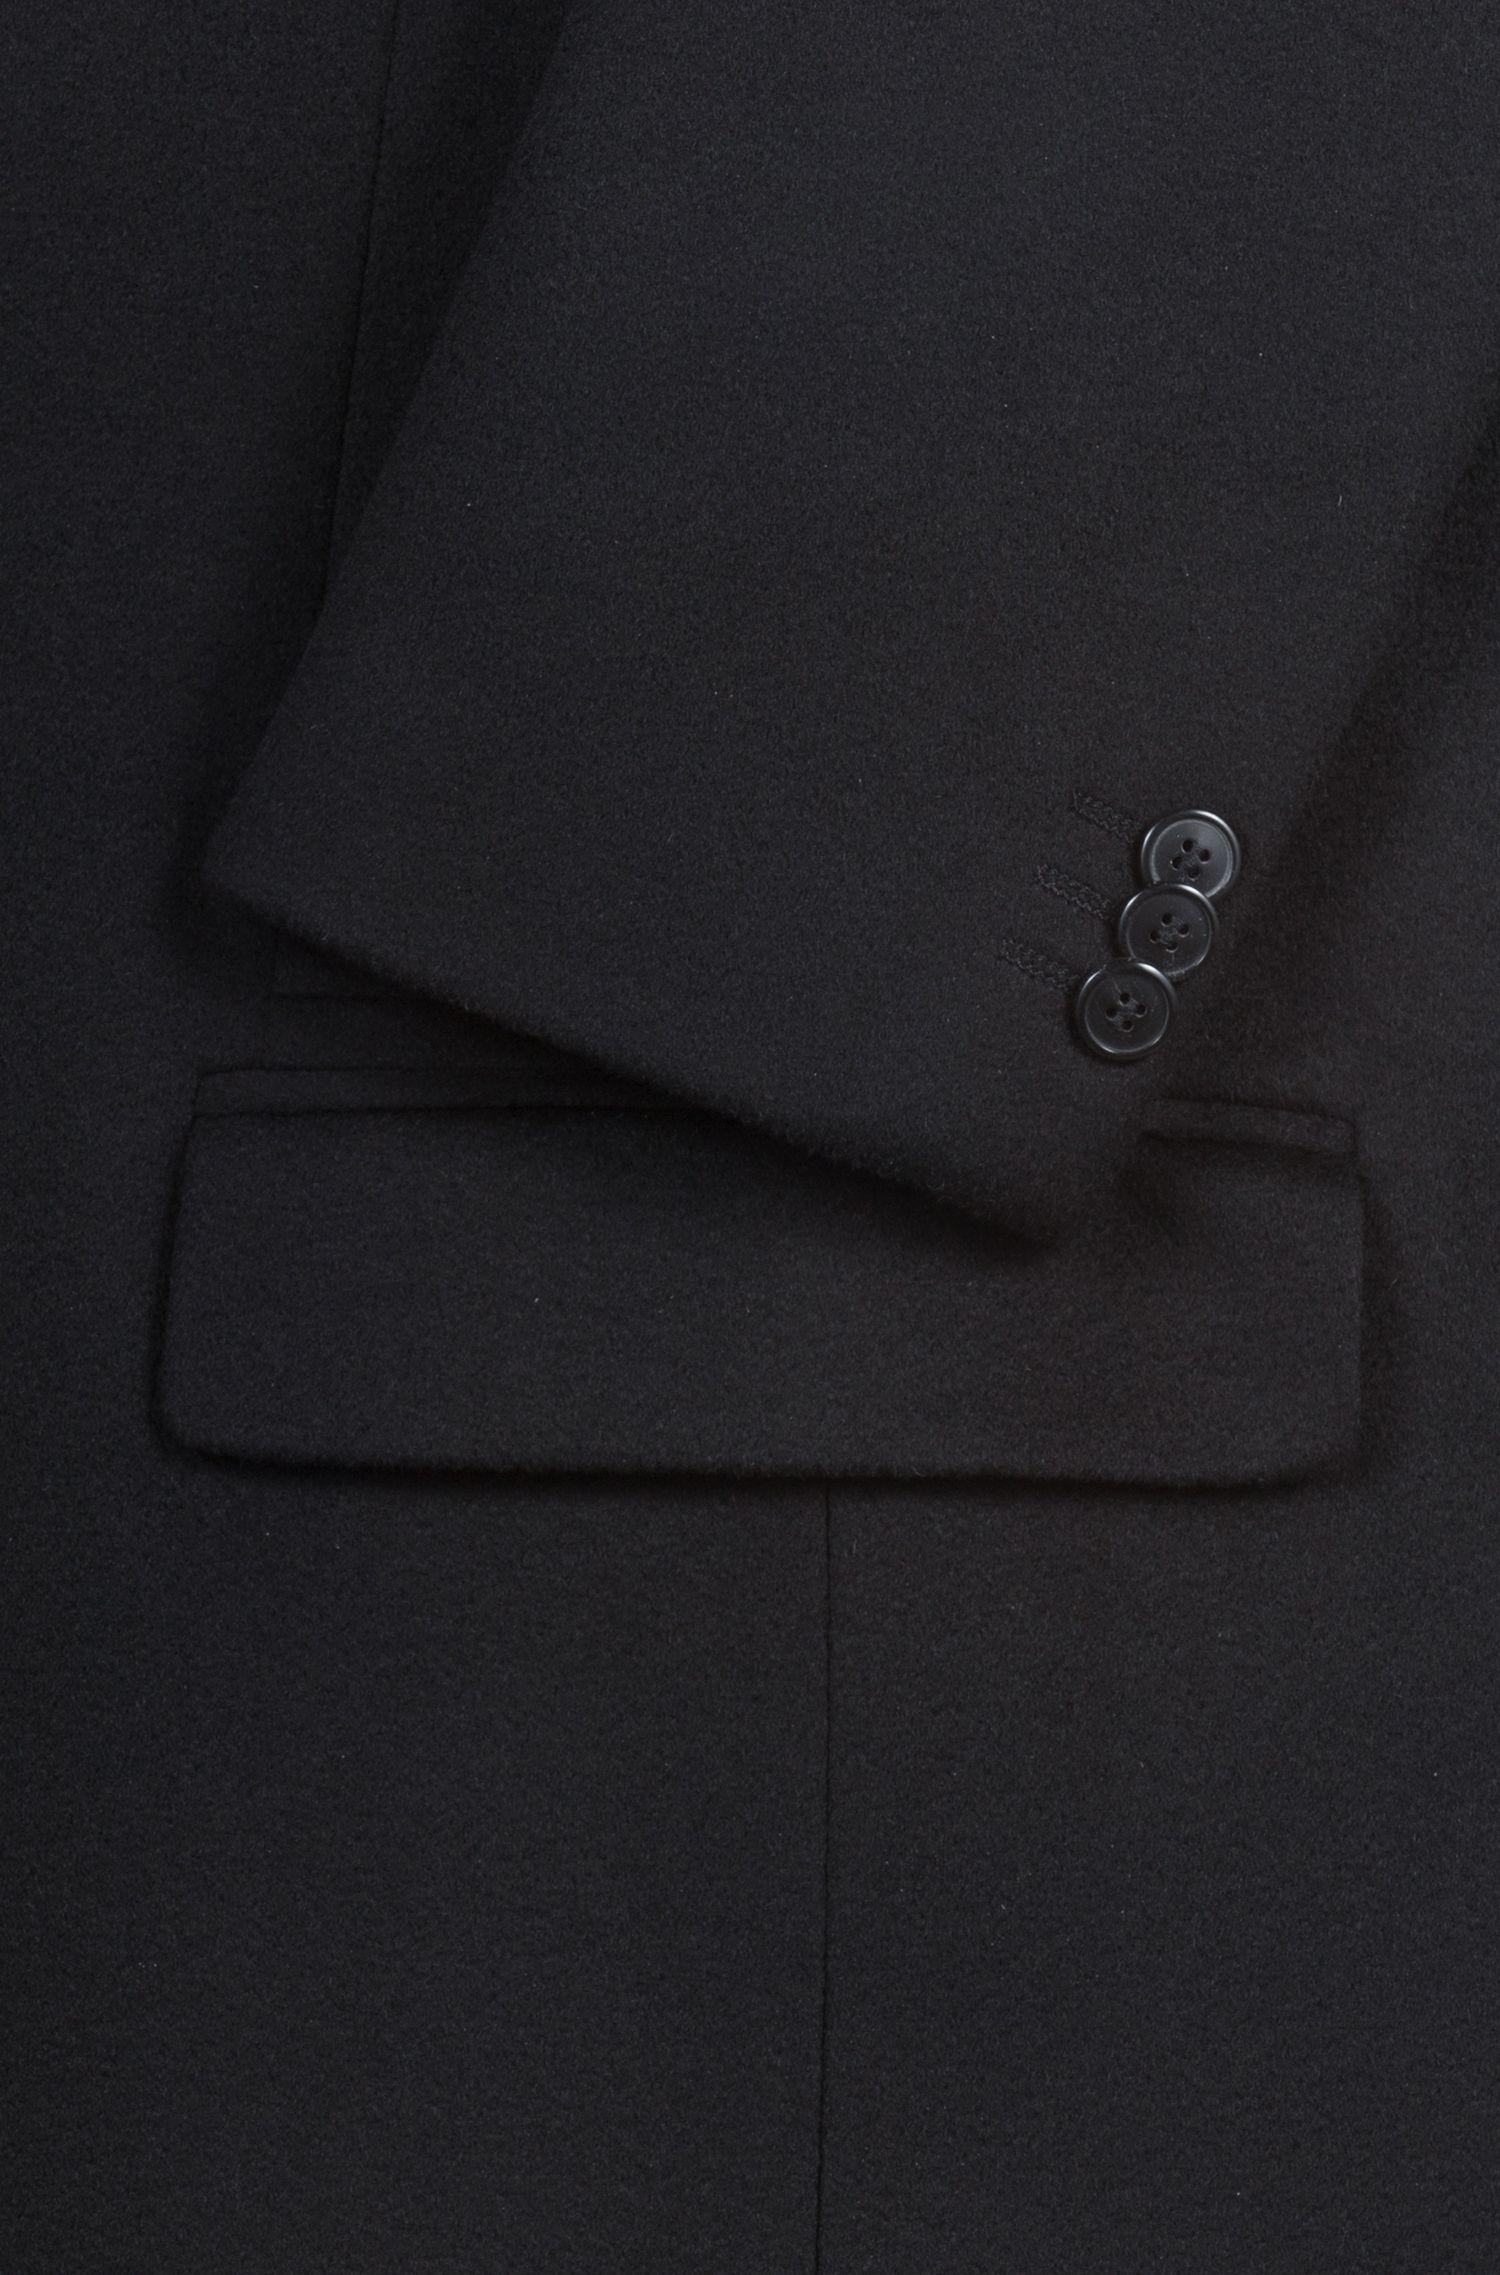 Kaschmirmantel mit Kragenunterseite aus Kunstleder, Schwarz